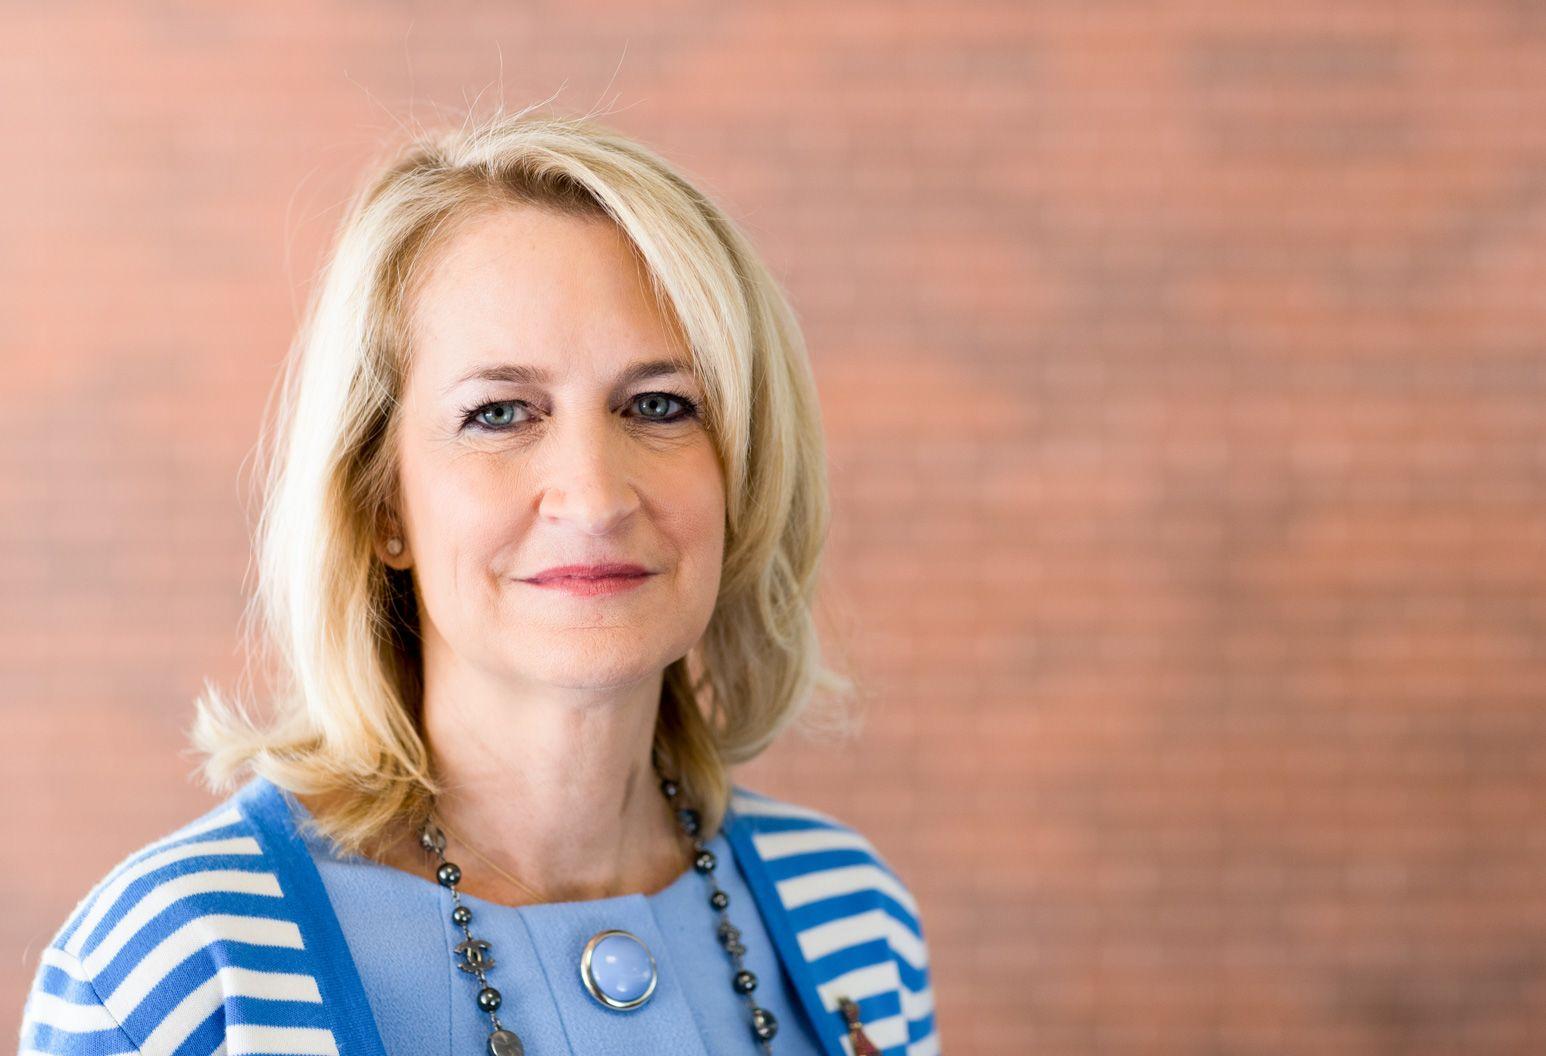 Stacey Rosen, MD